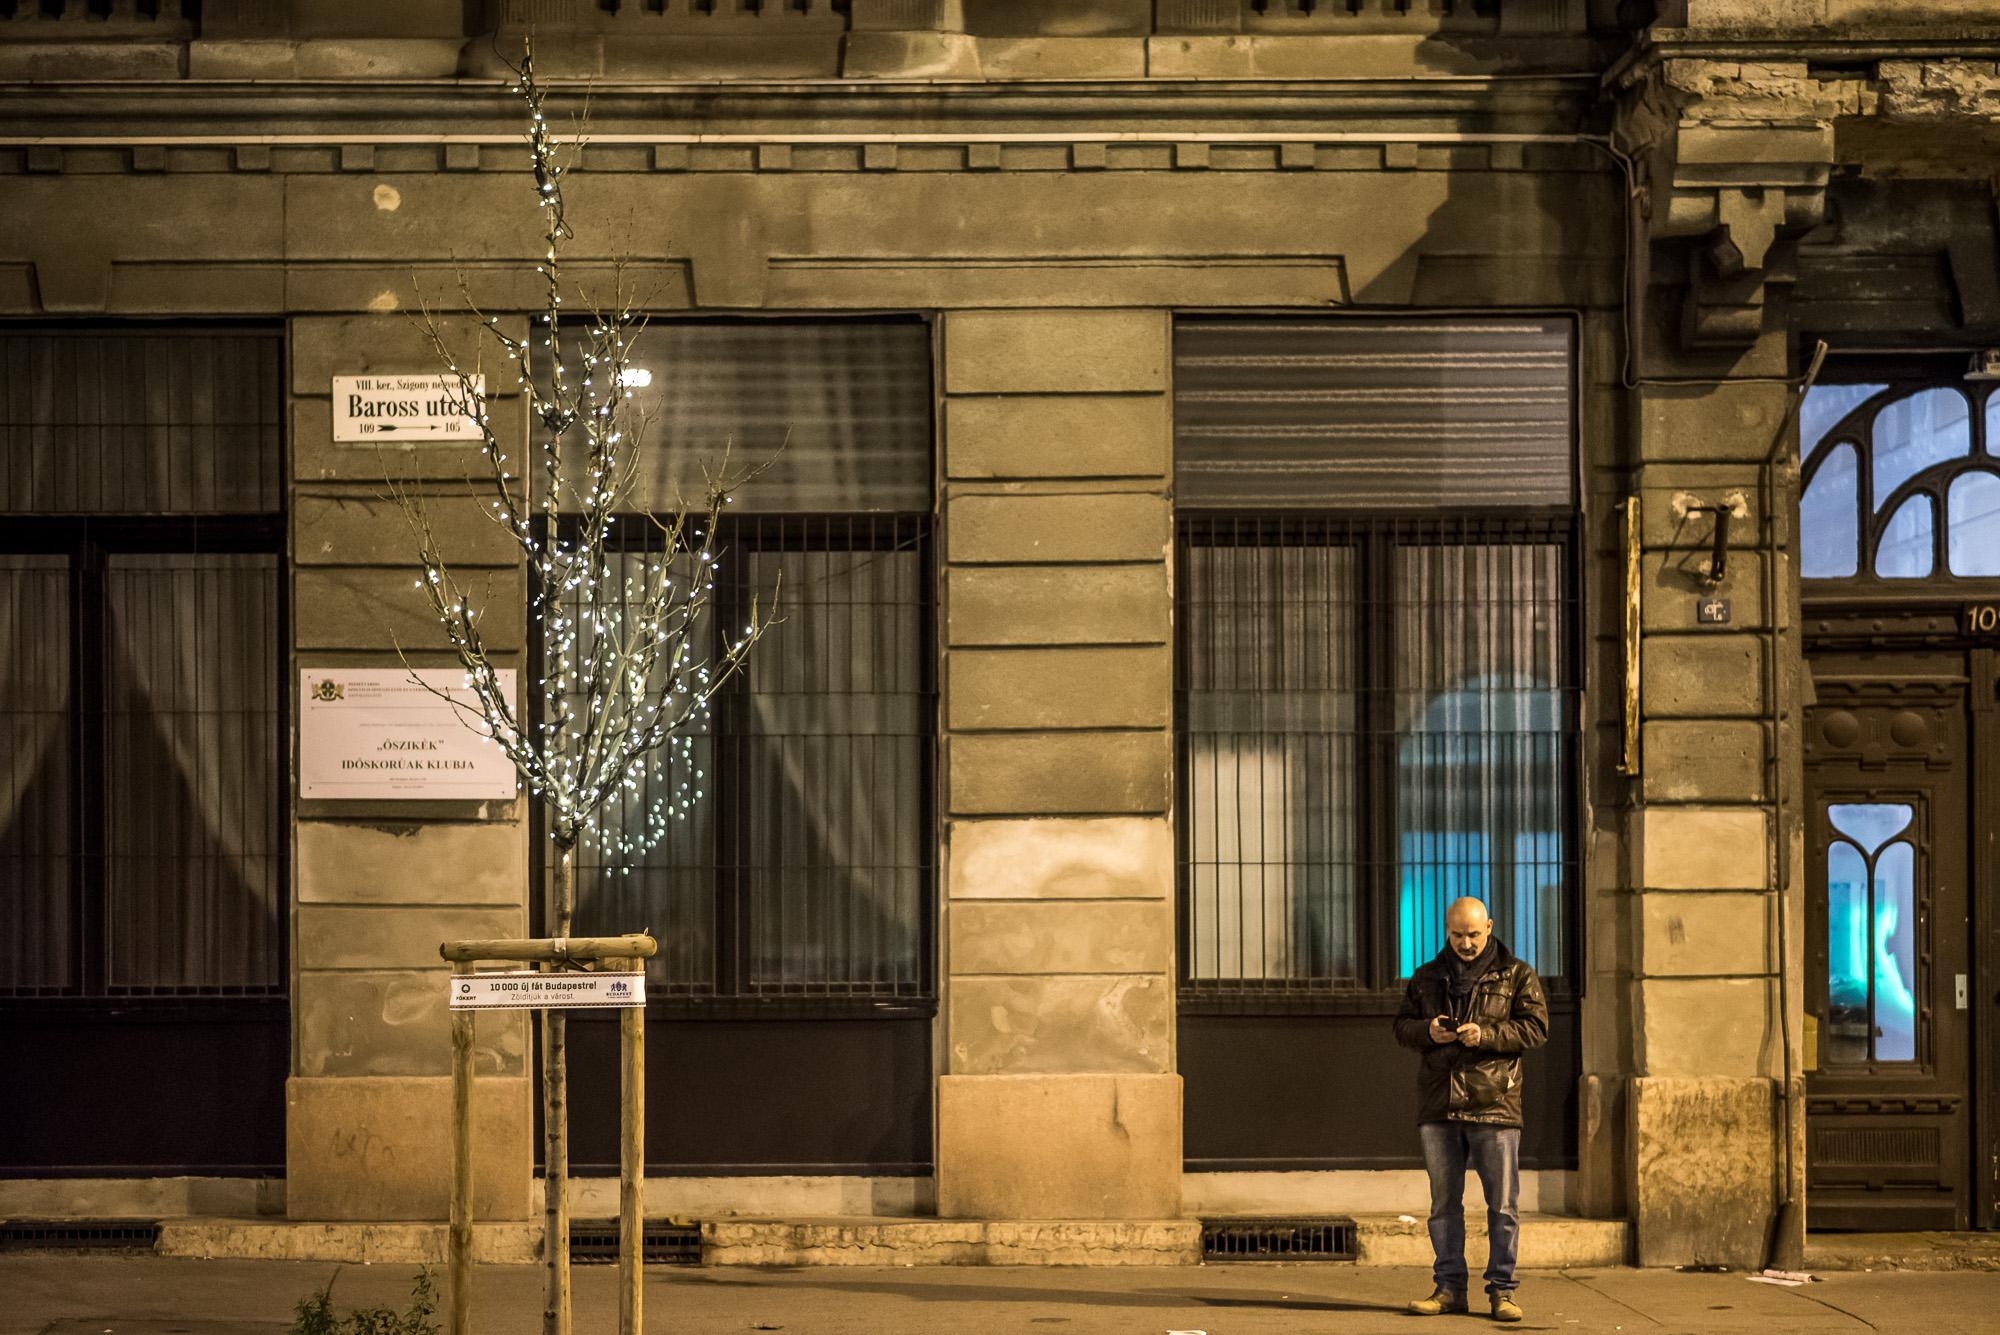 Tetőfokára hág a karácsonyi hangulat a Baross utcában. Fotó: Neményi Márton